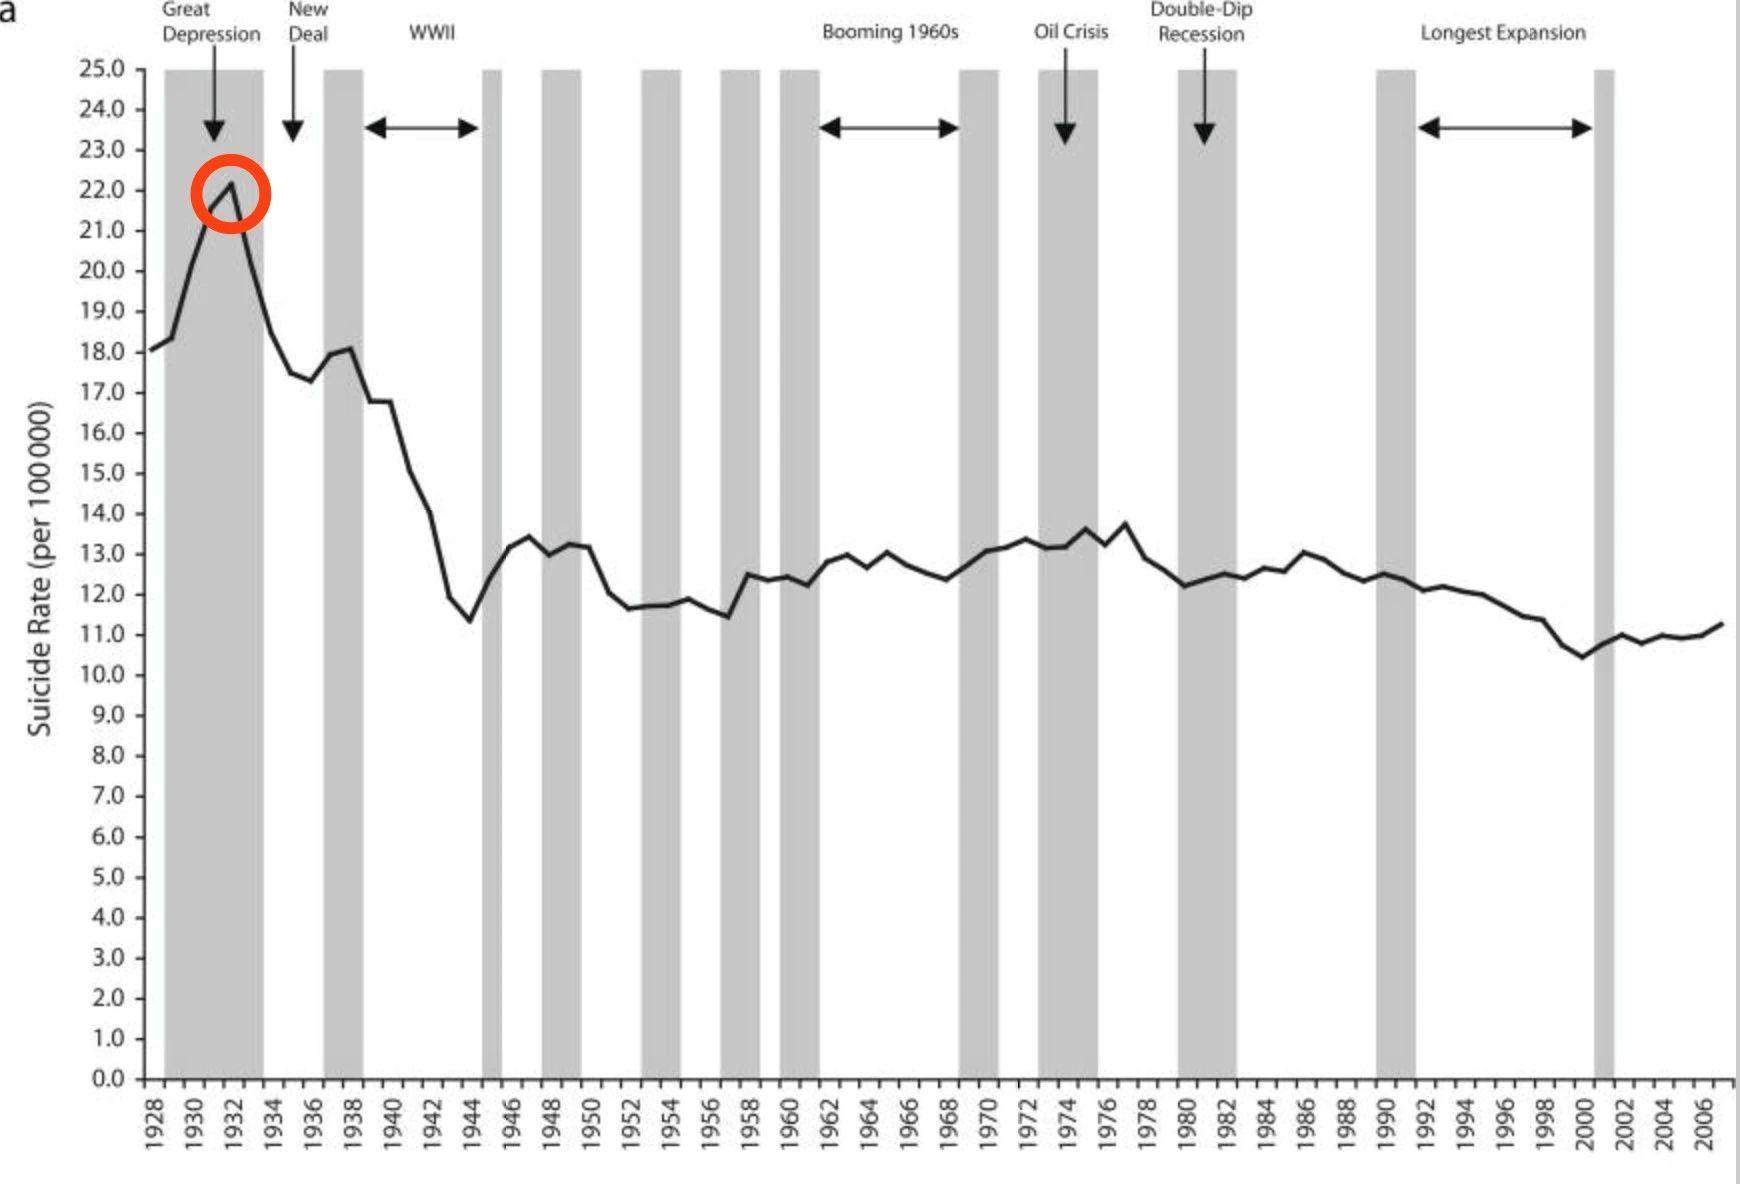 大崩溃后的美国,1929年经济危机有多可怕?